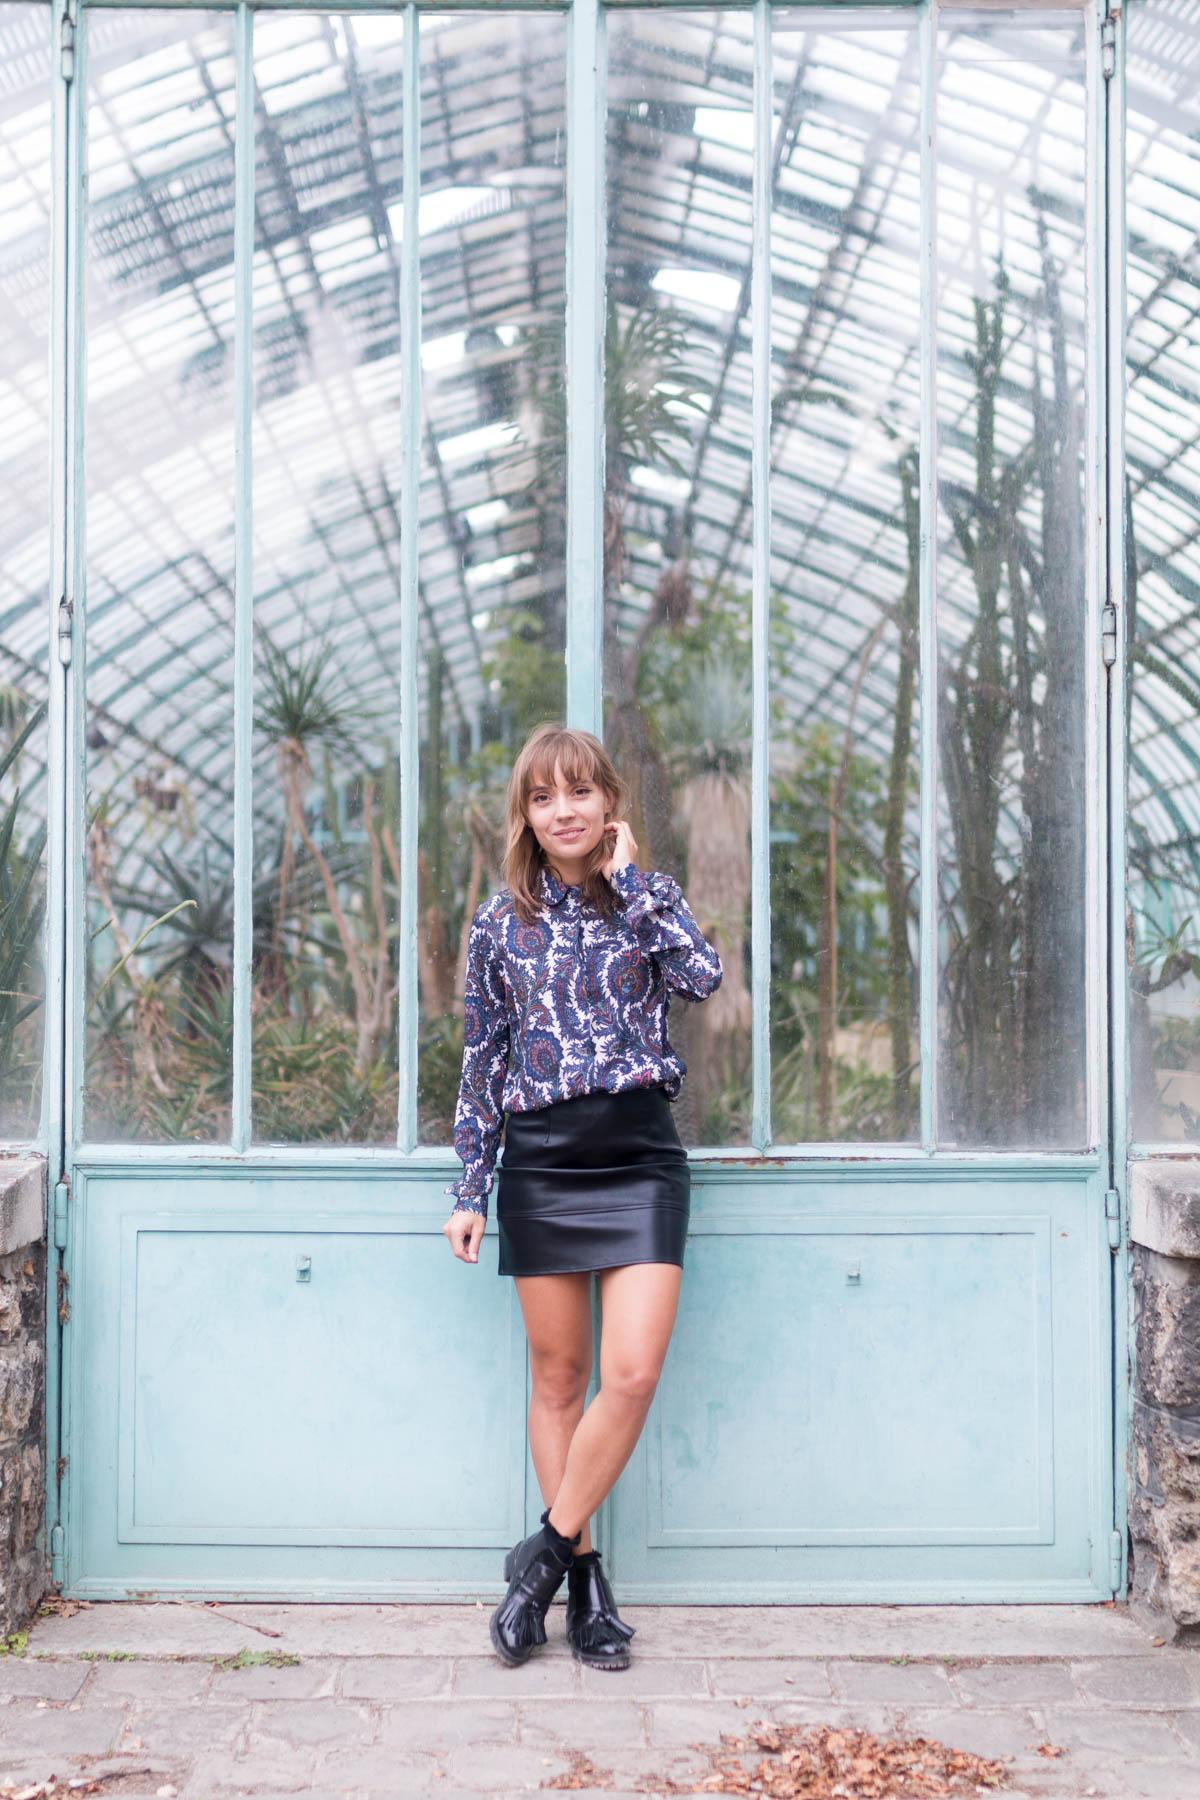 11 Look de rentrée Chemise paisley, jupe en simili et bottines à franges | SP4NK BLOG